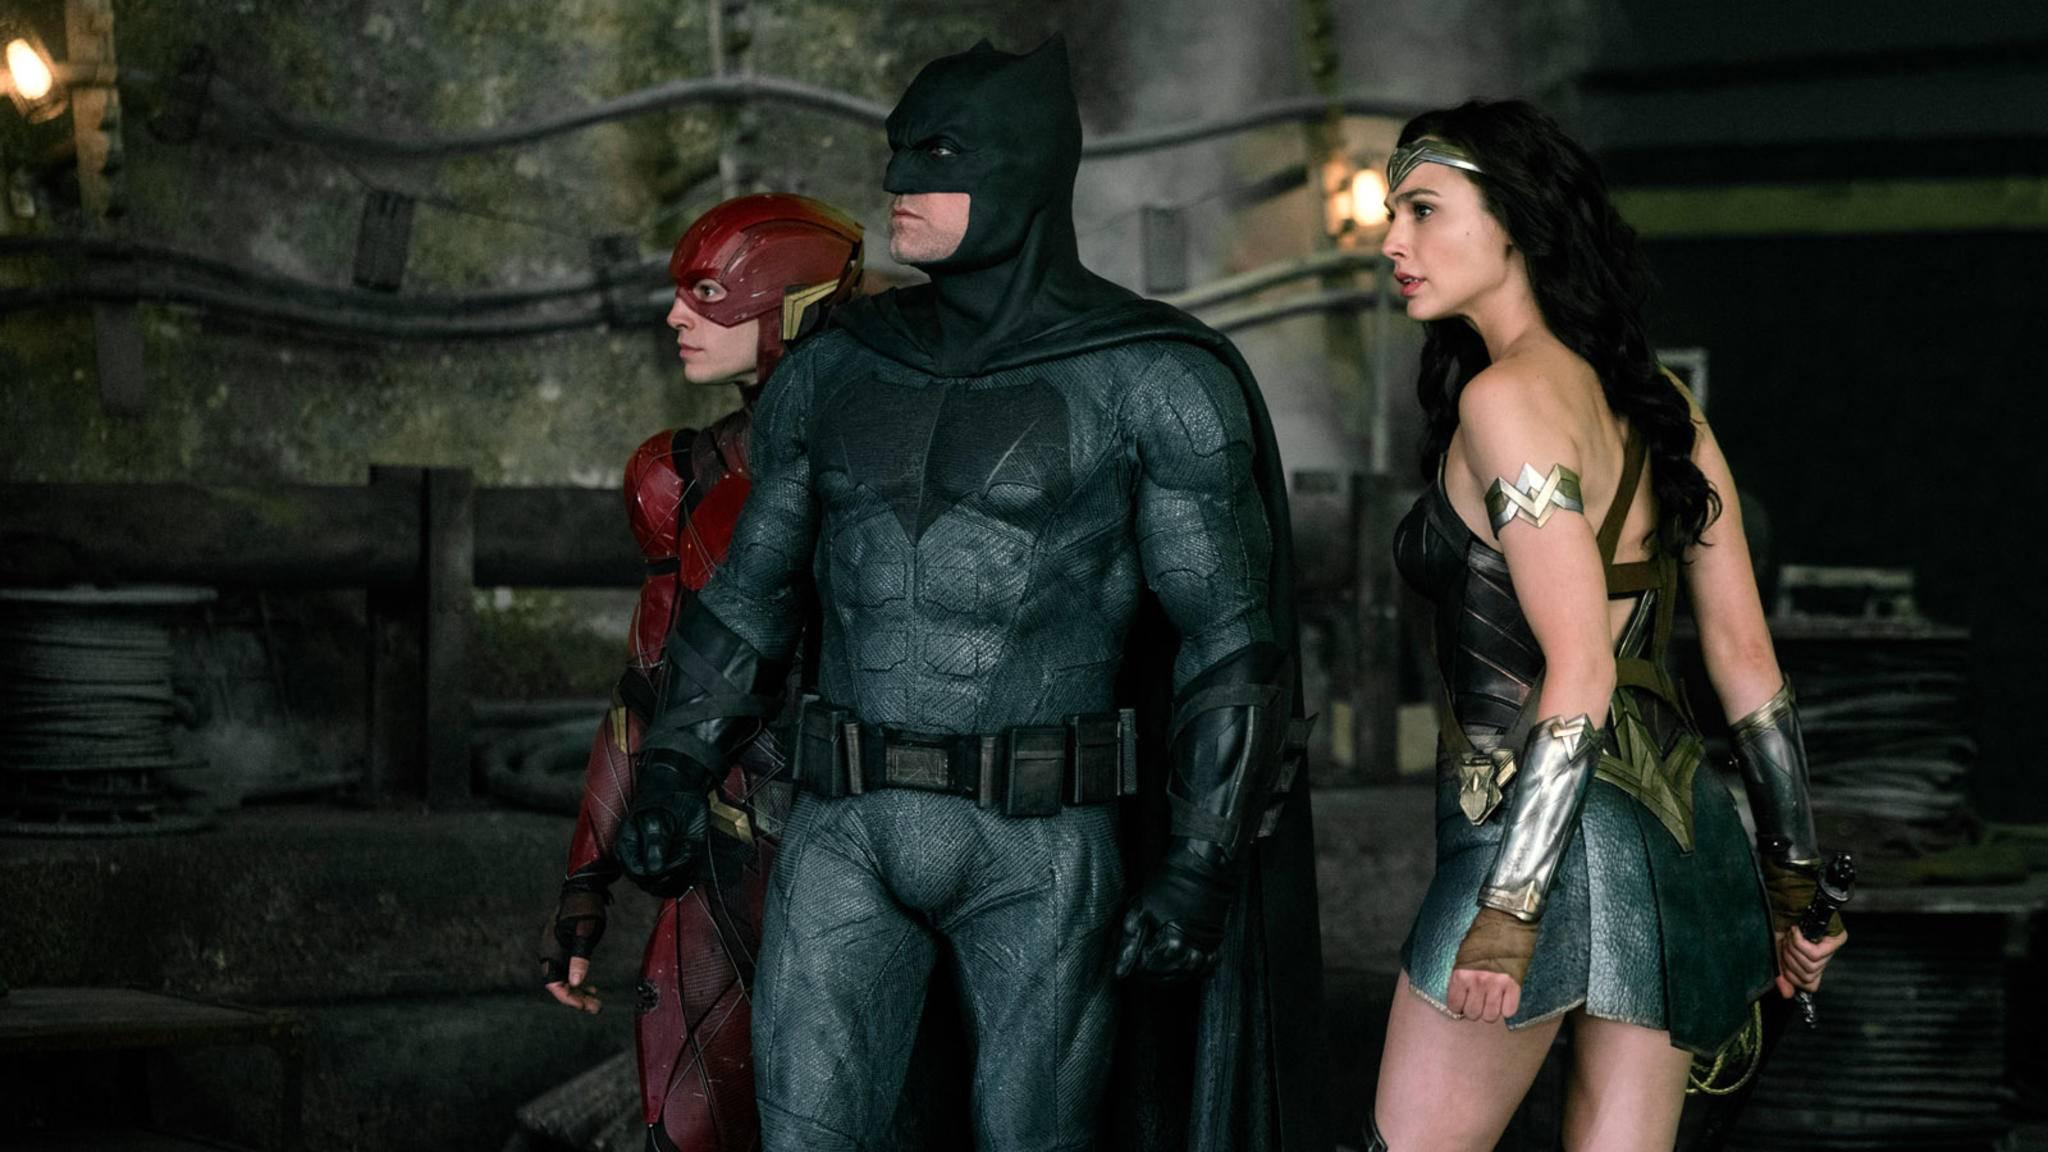 """Nach dem Team-Auftritt in """"Justice League"""" blickt """"The Batman"""" nun endlich seinem nächsten Solo-Abenteuer entgegen."""